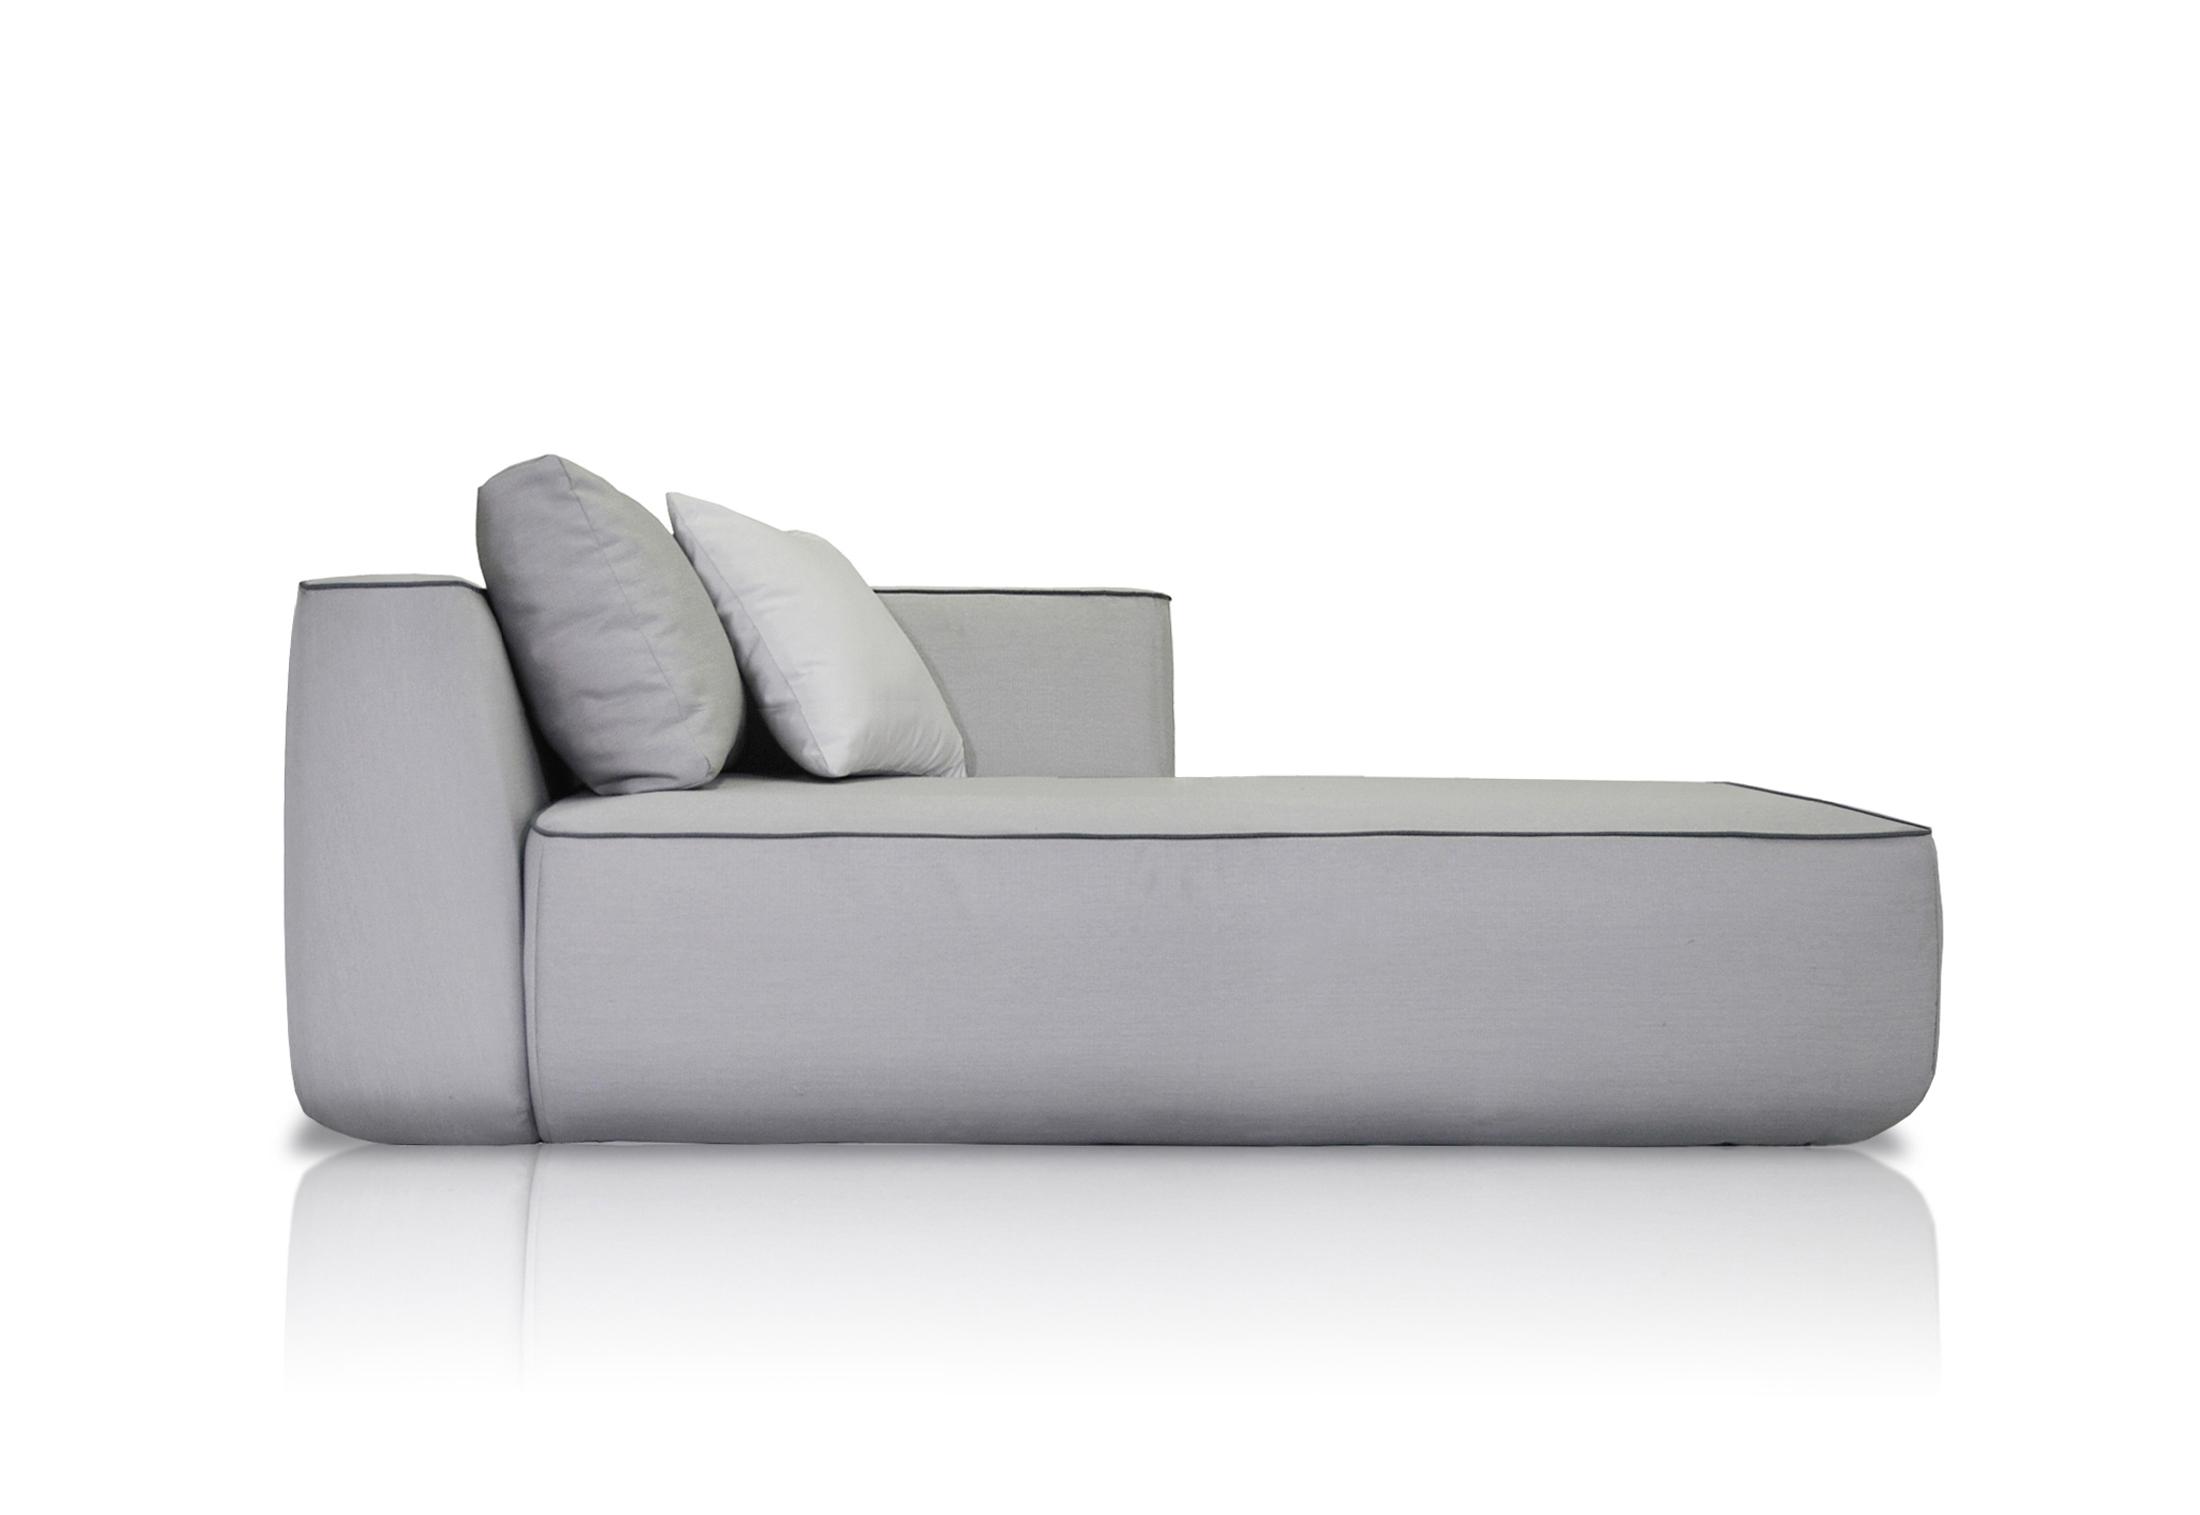 Plump right chaise longue module by expormim stylepark for Chaise longue divani e divani